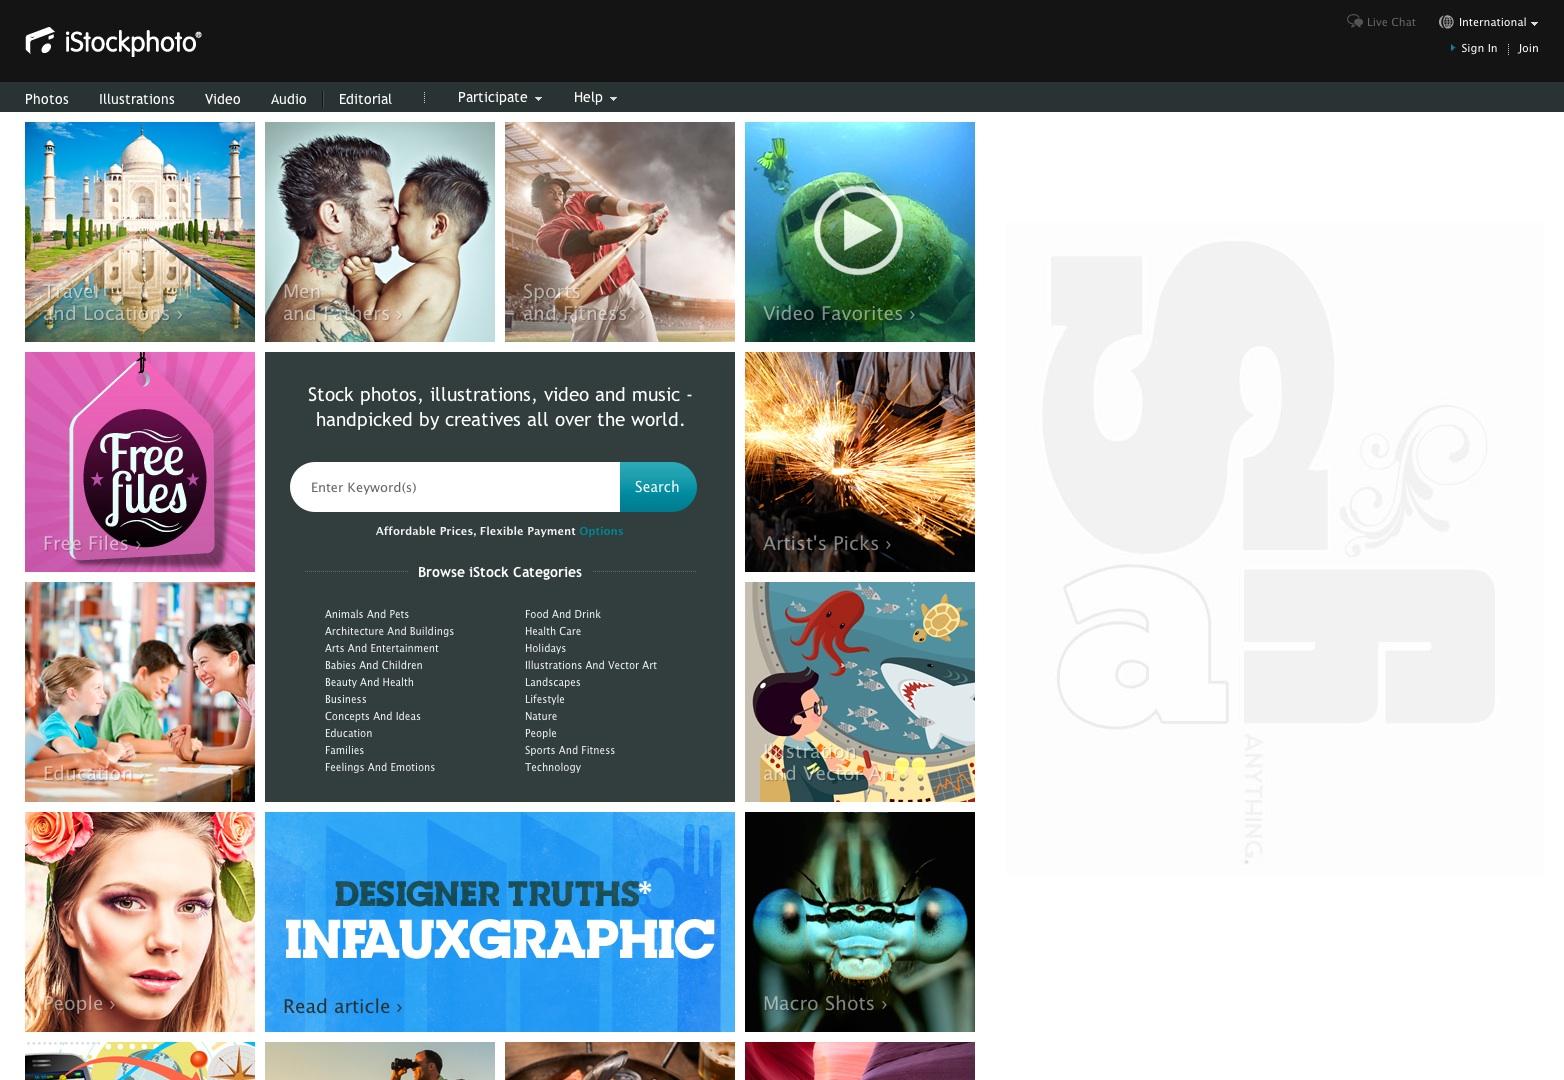 iStock Photo: Fotografía De Archivo Libre De Regalías, Imágenes Prediseñadas De Arte, Música Y Video Metrajes - iStock